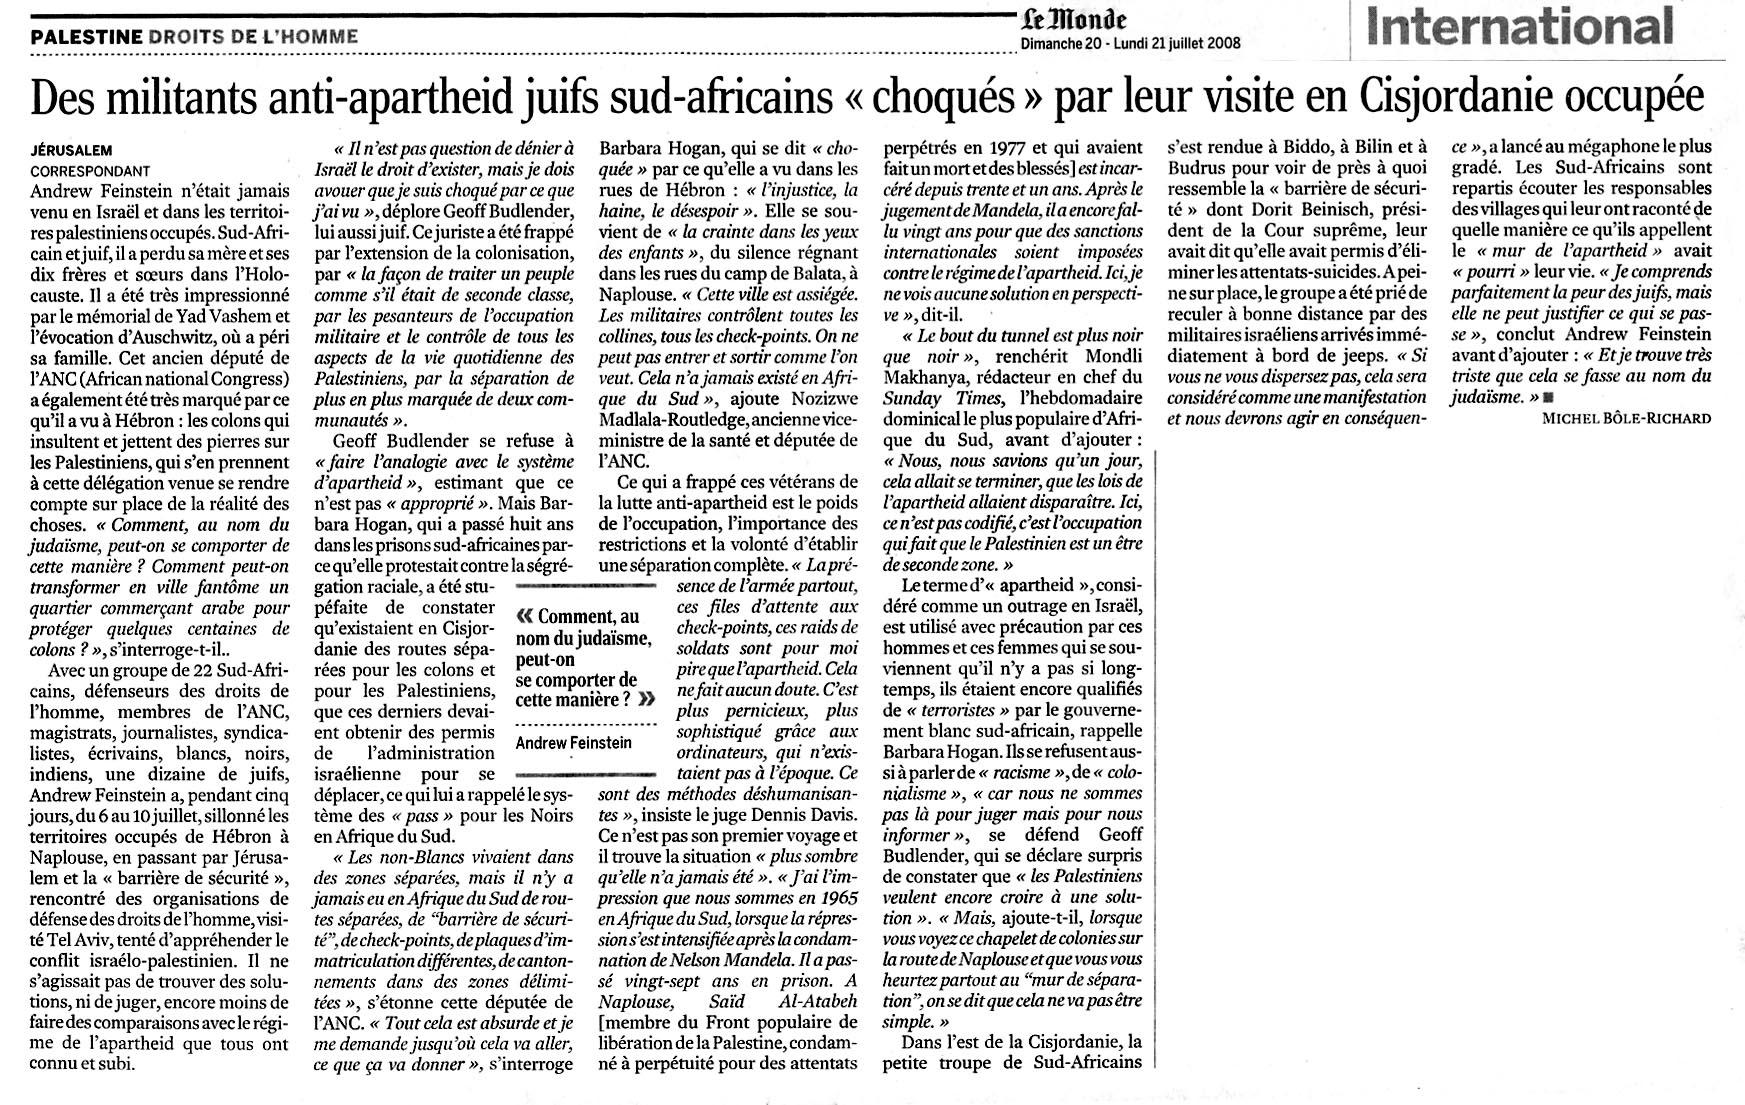 Article du Monde.